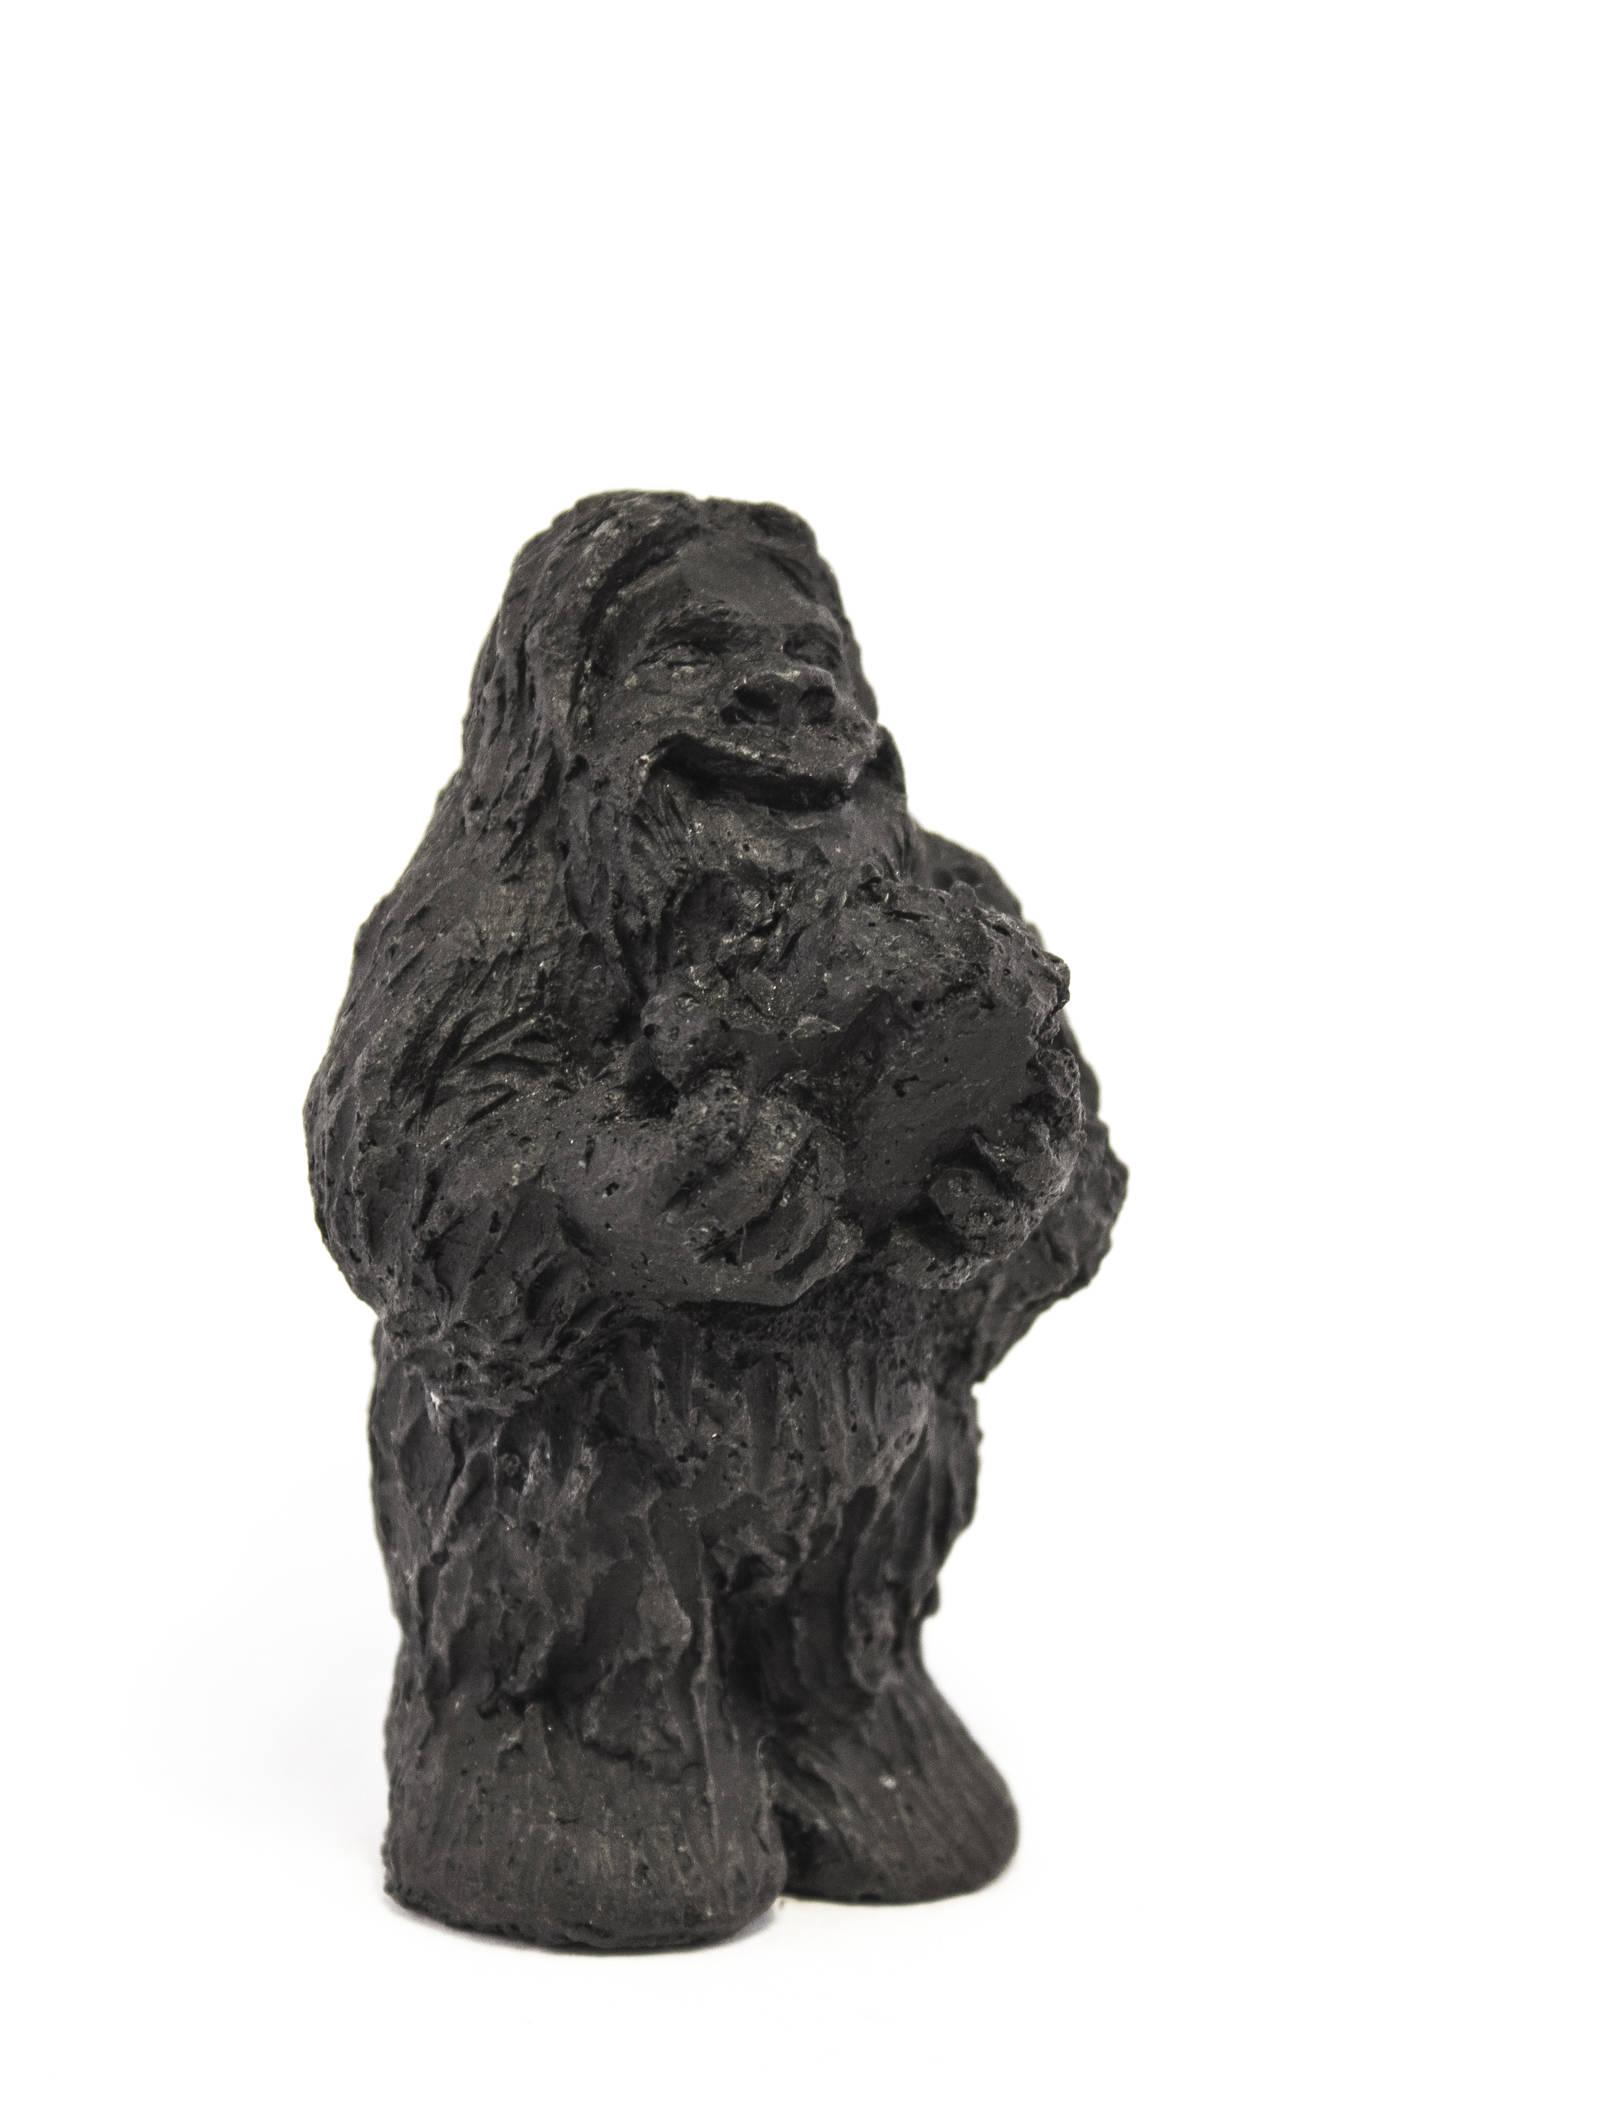 Йети - истинный первооткрыватель Кузбасского угля) Высота 9 см Материал - уголь